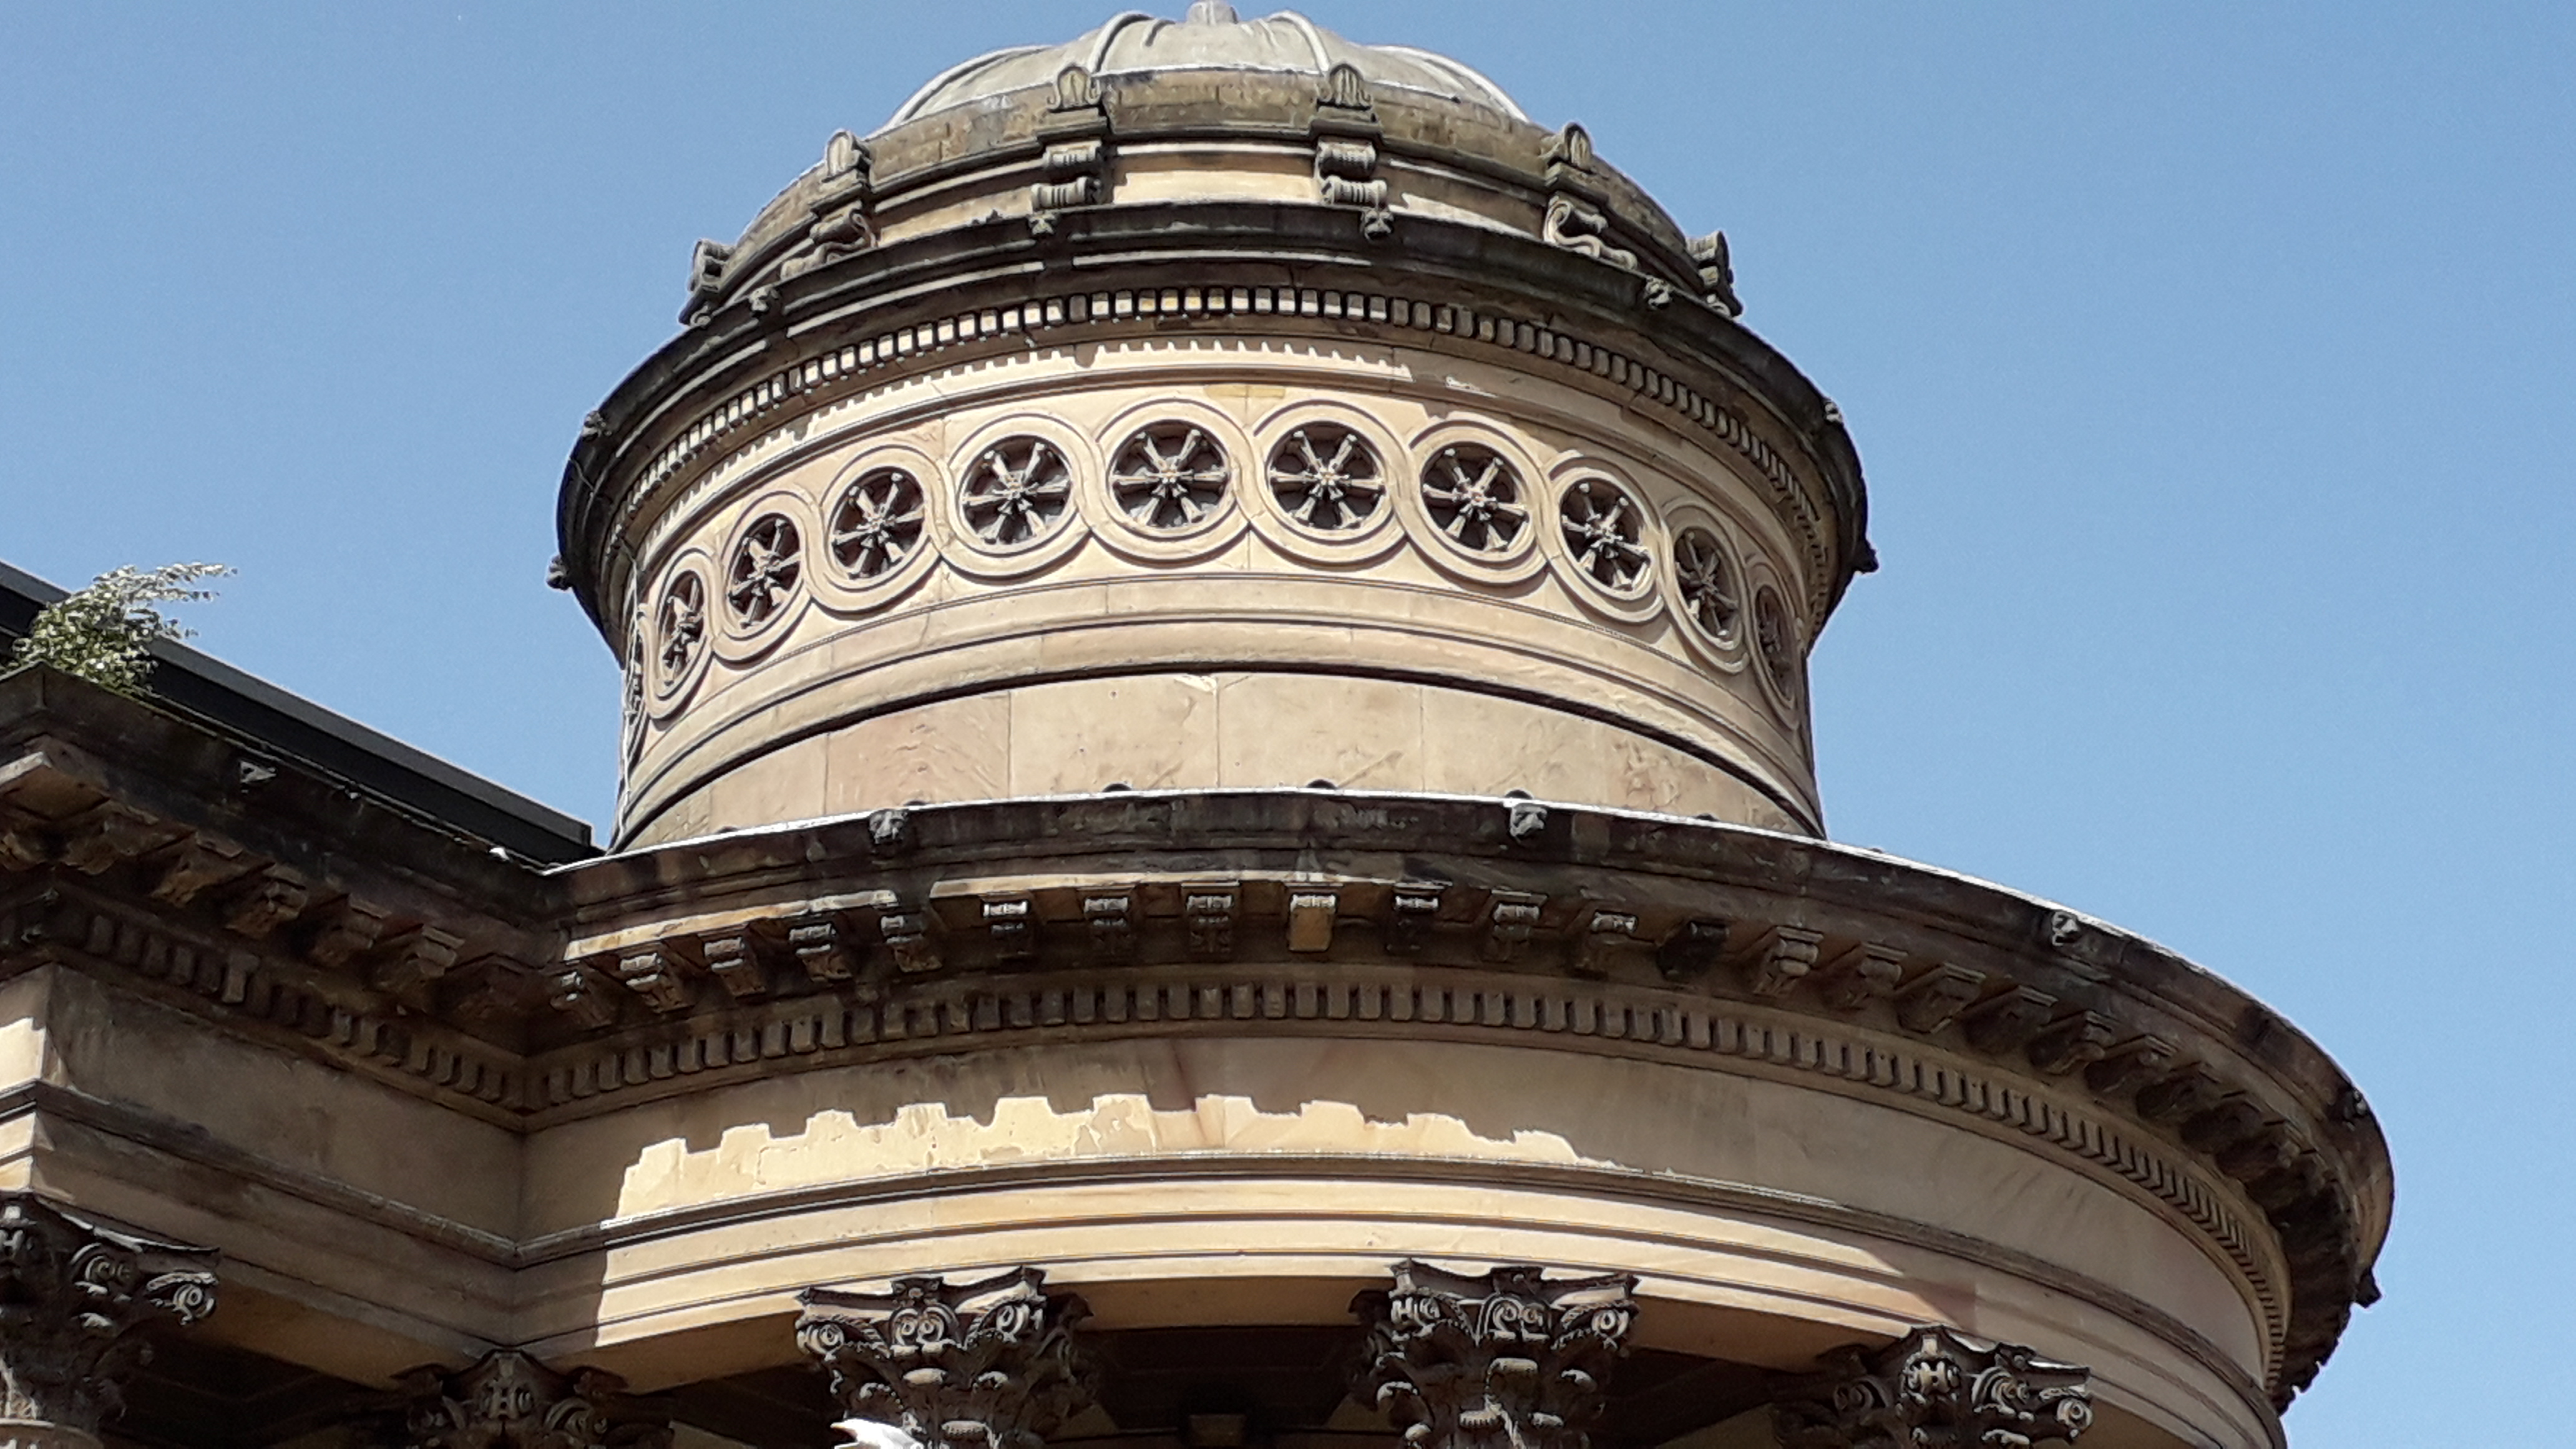 GGC dome detail